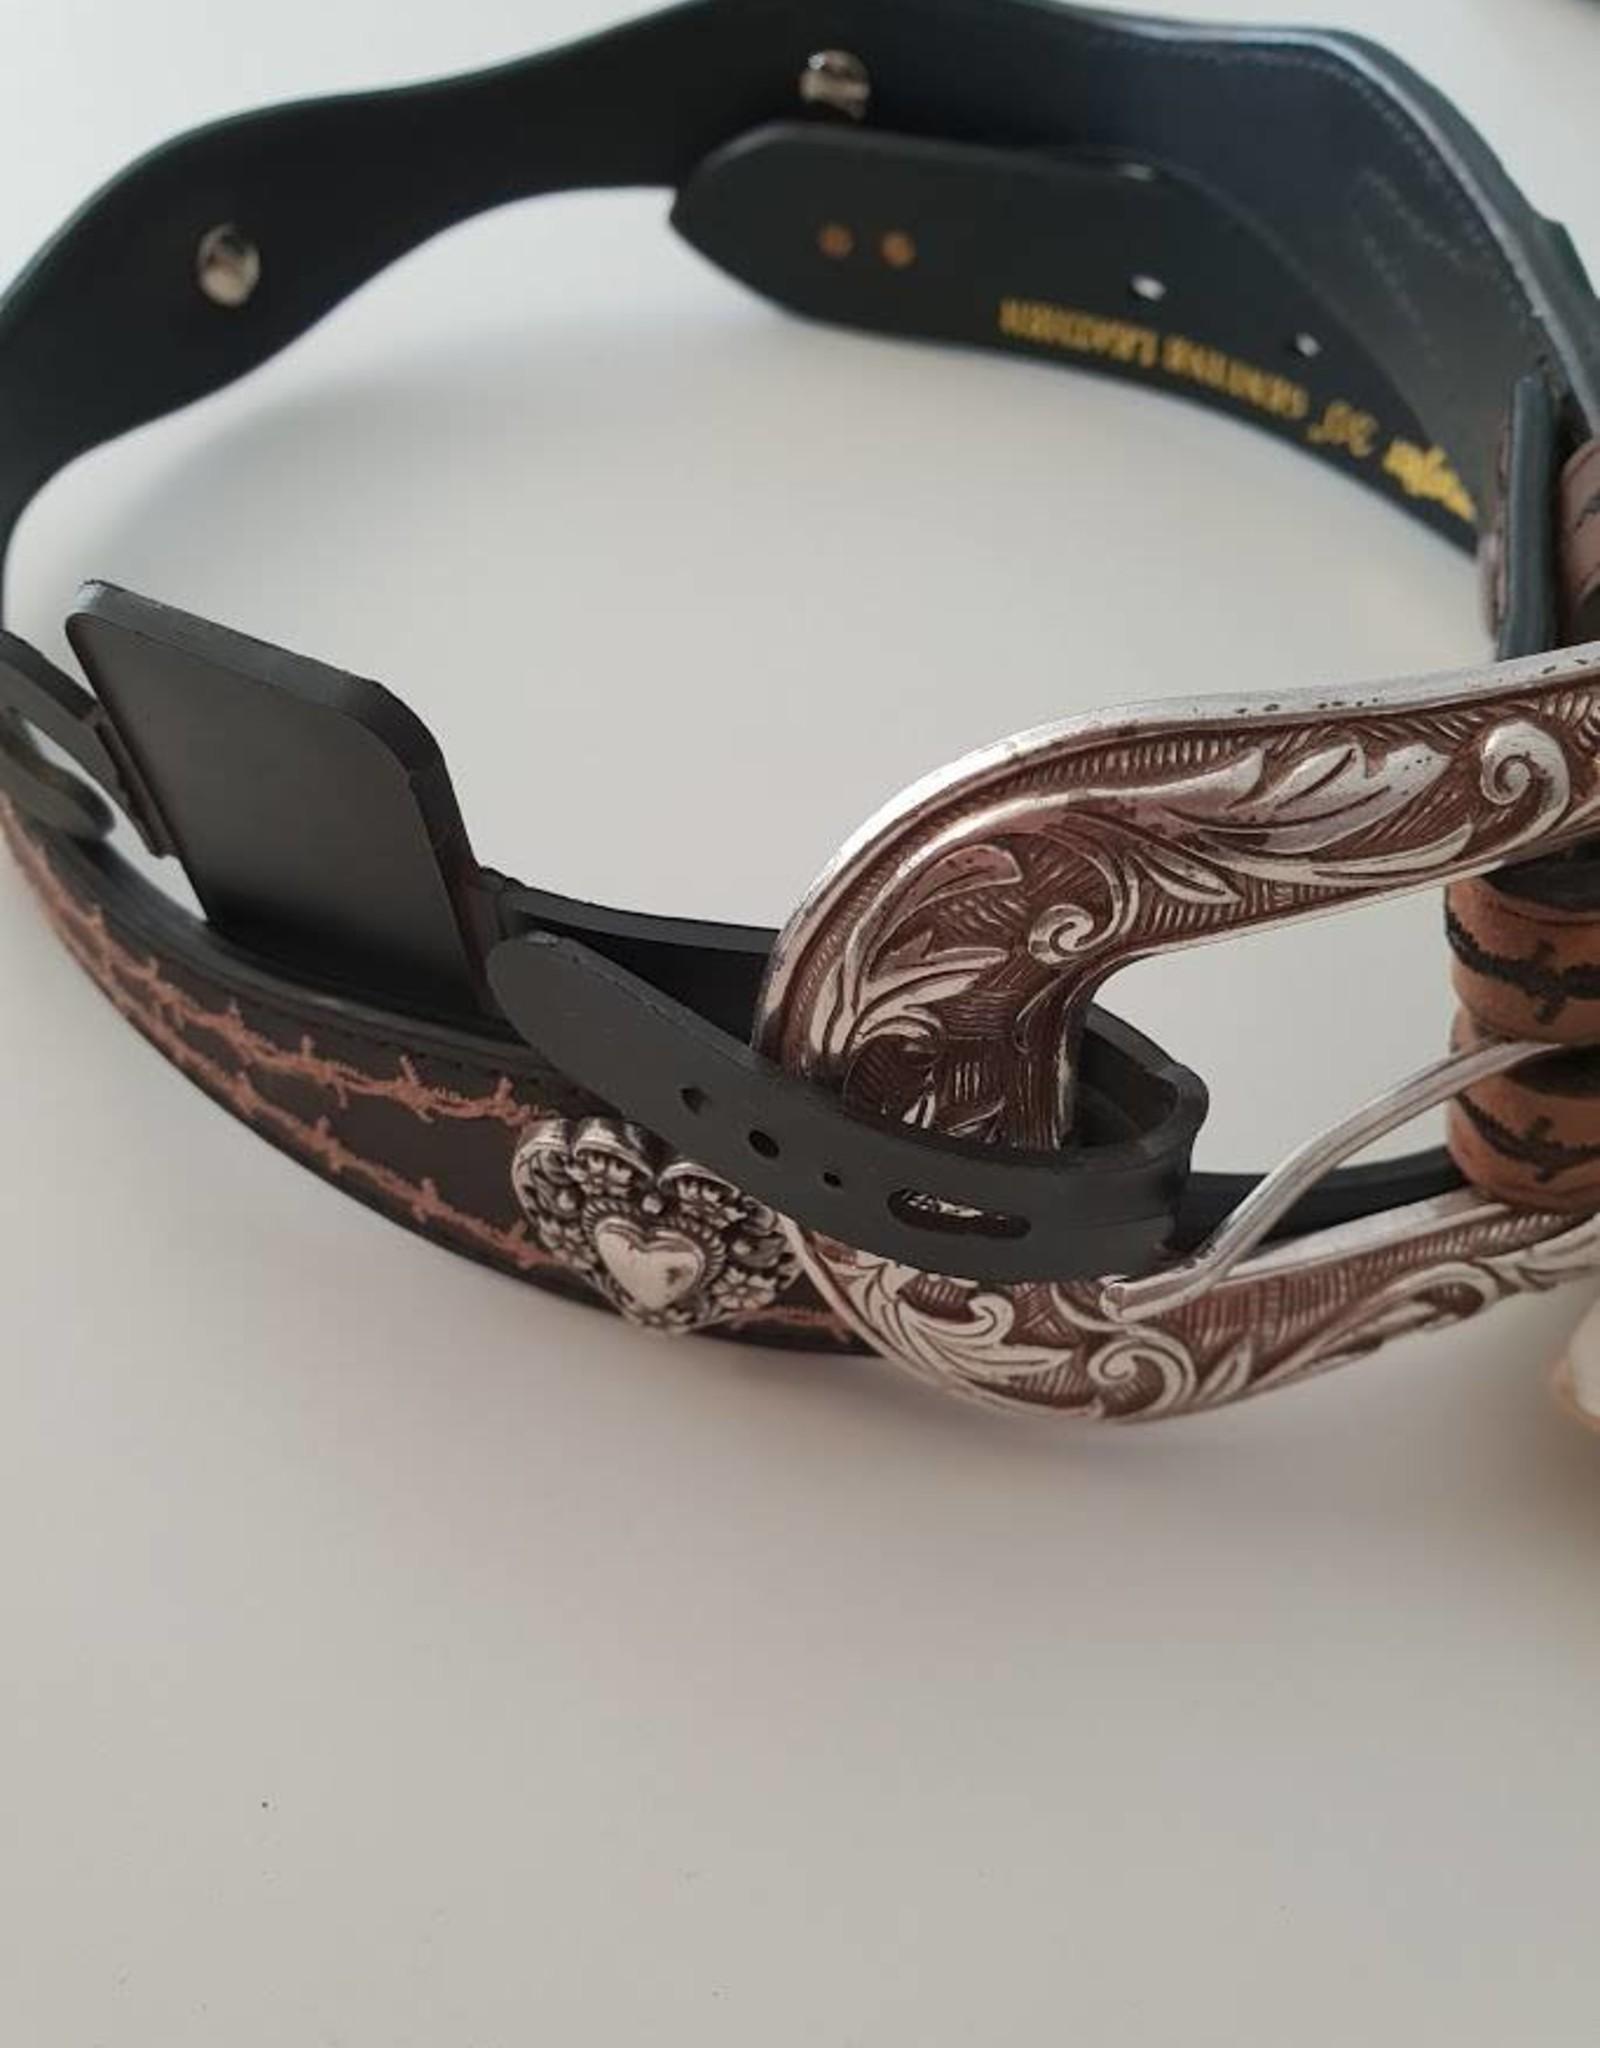 Wrangler Wrangler Barb Heart Belt Black/Brown 30